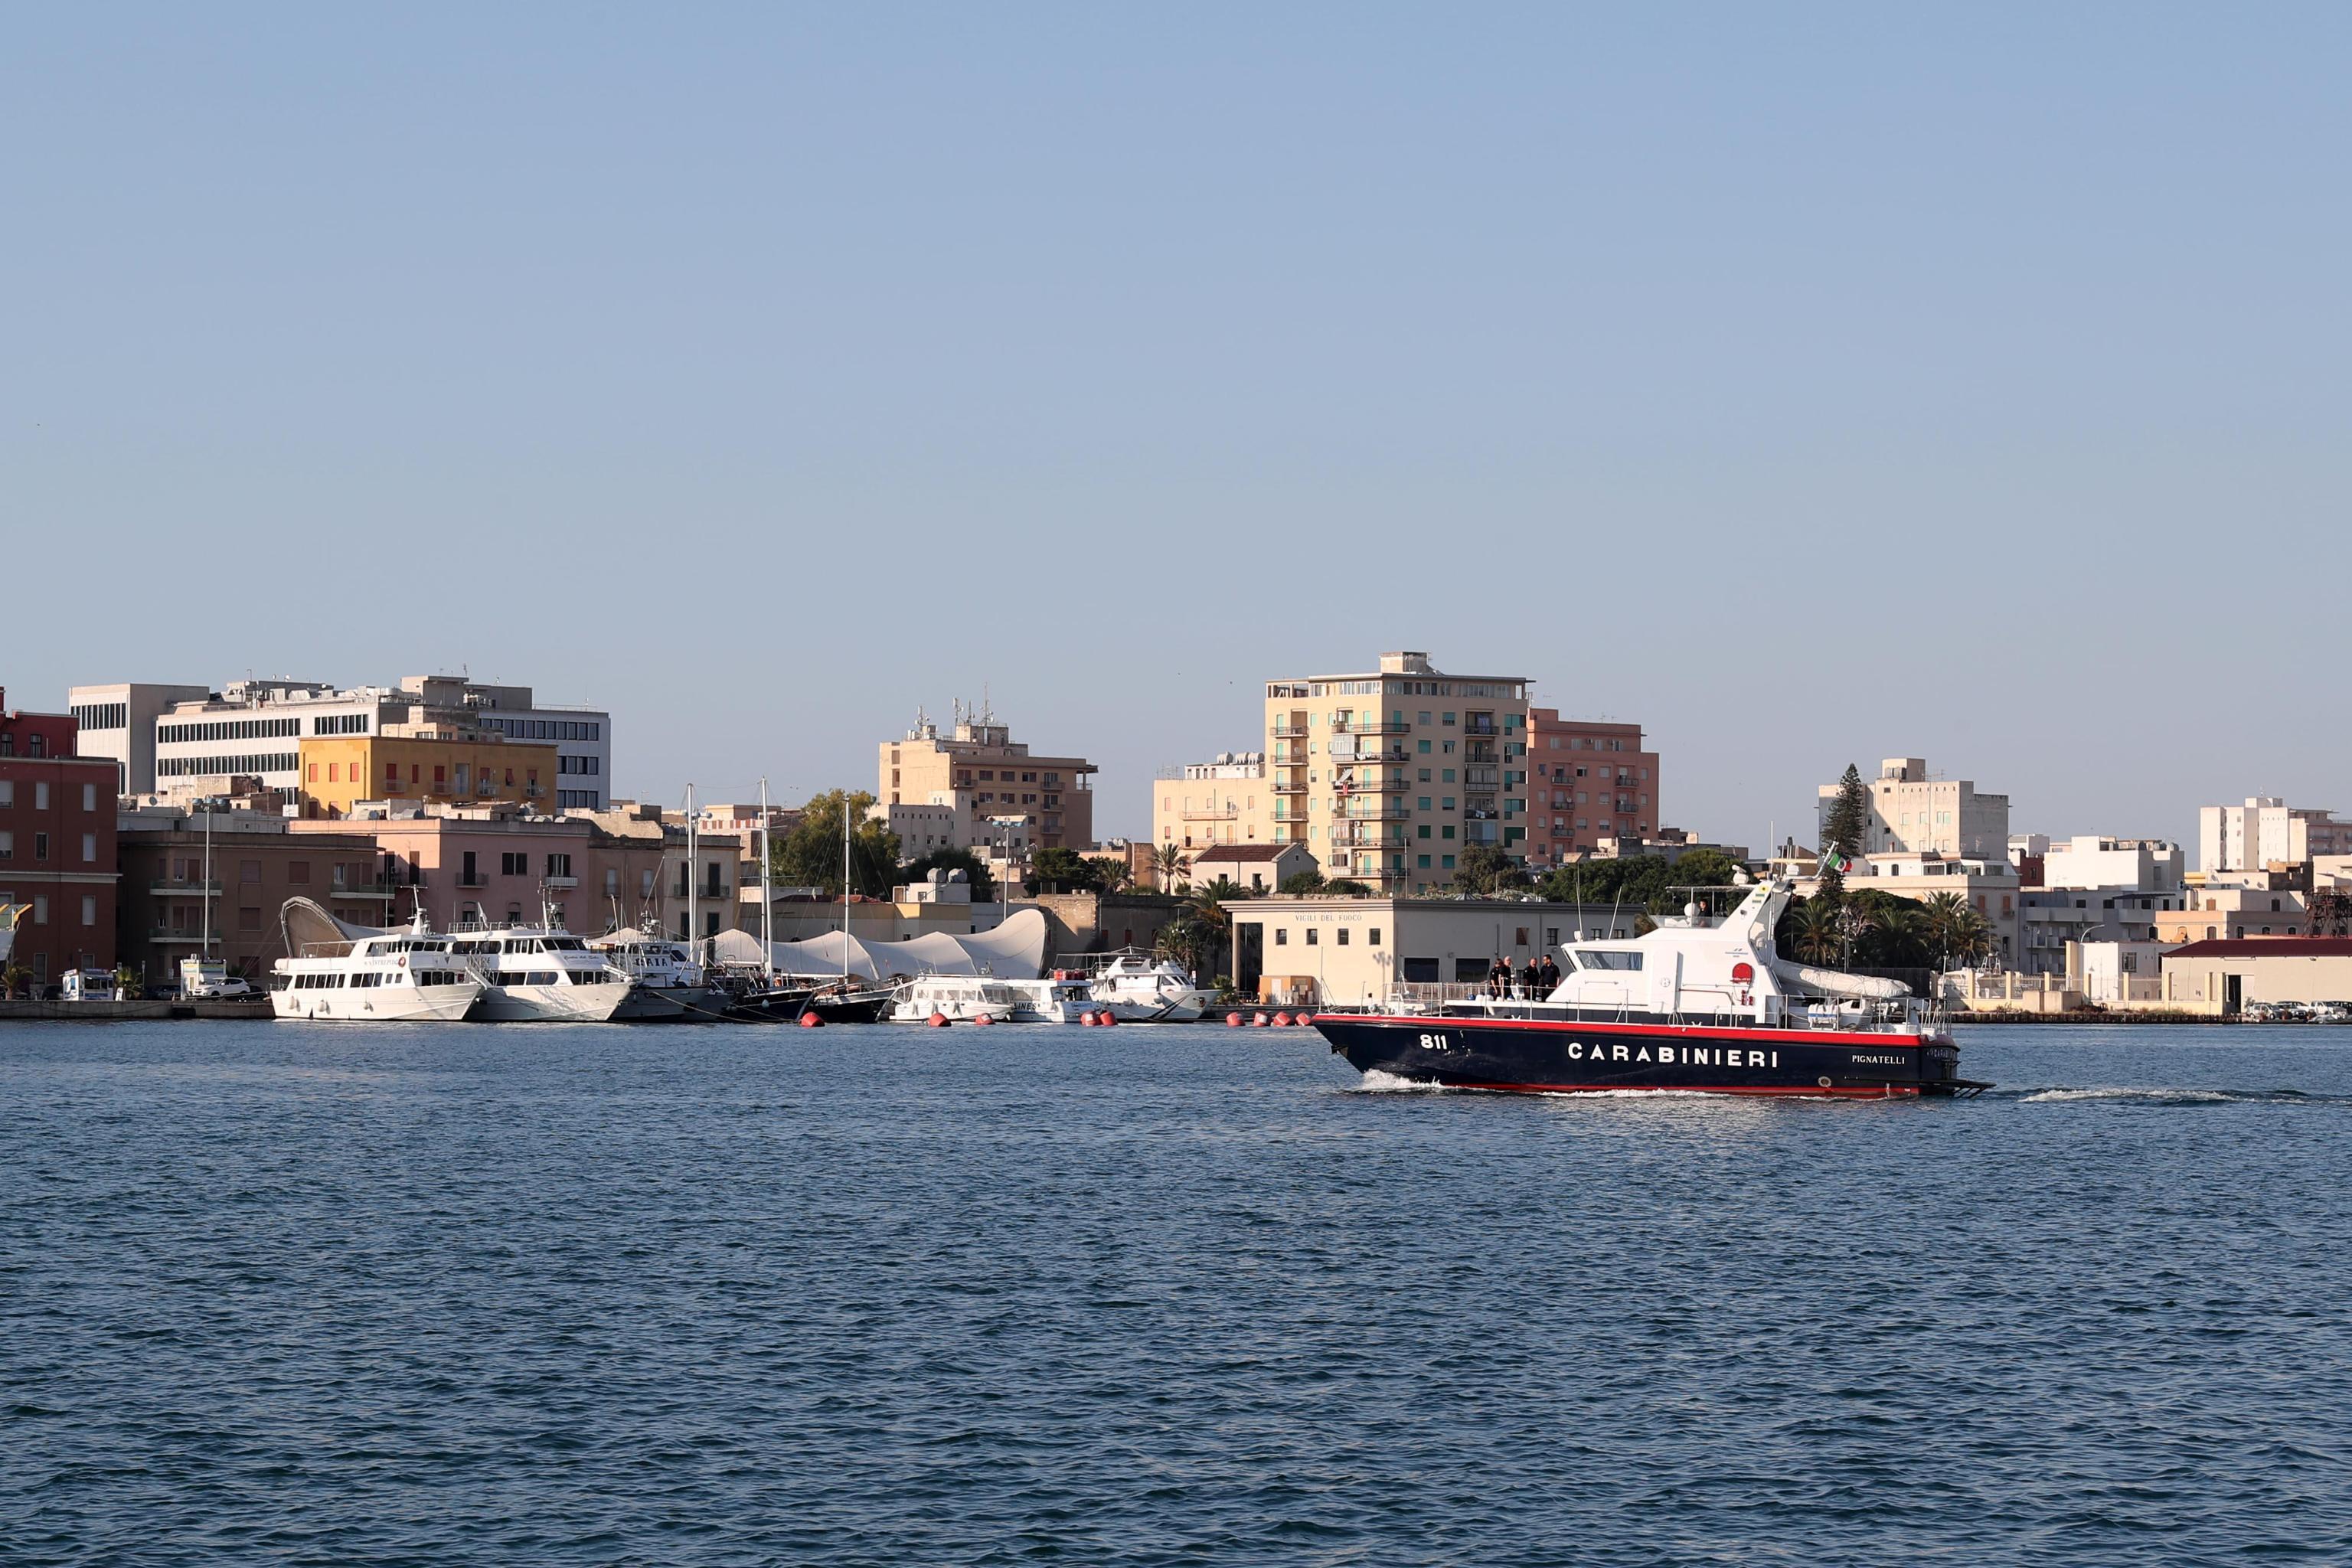 Migranti: la nave Diciotti in attracco a Trapani